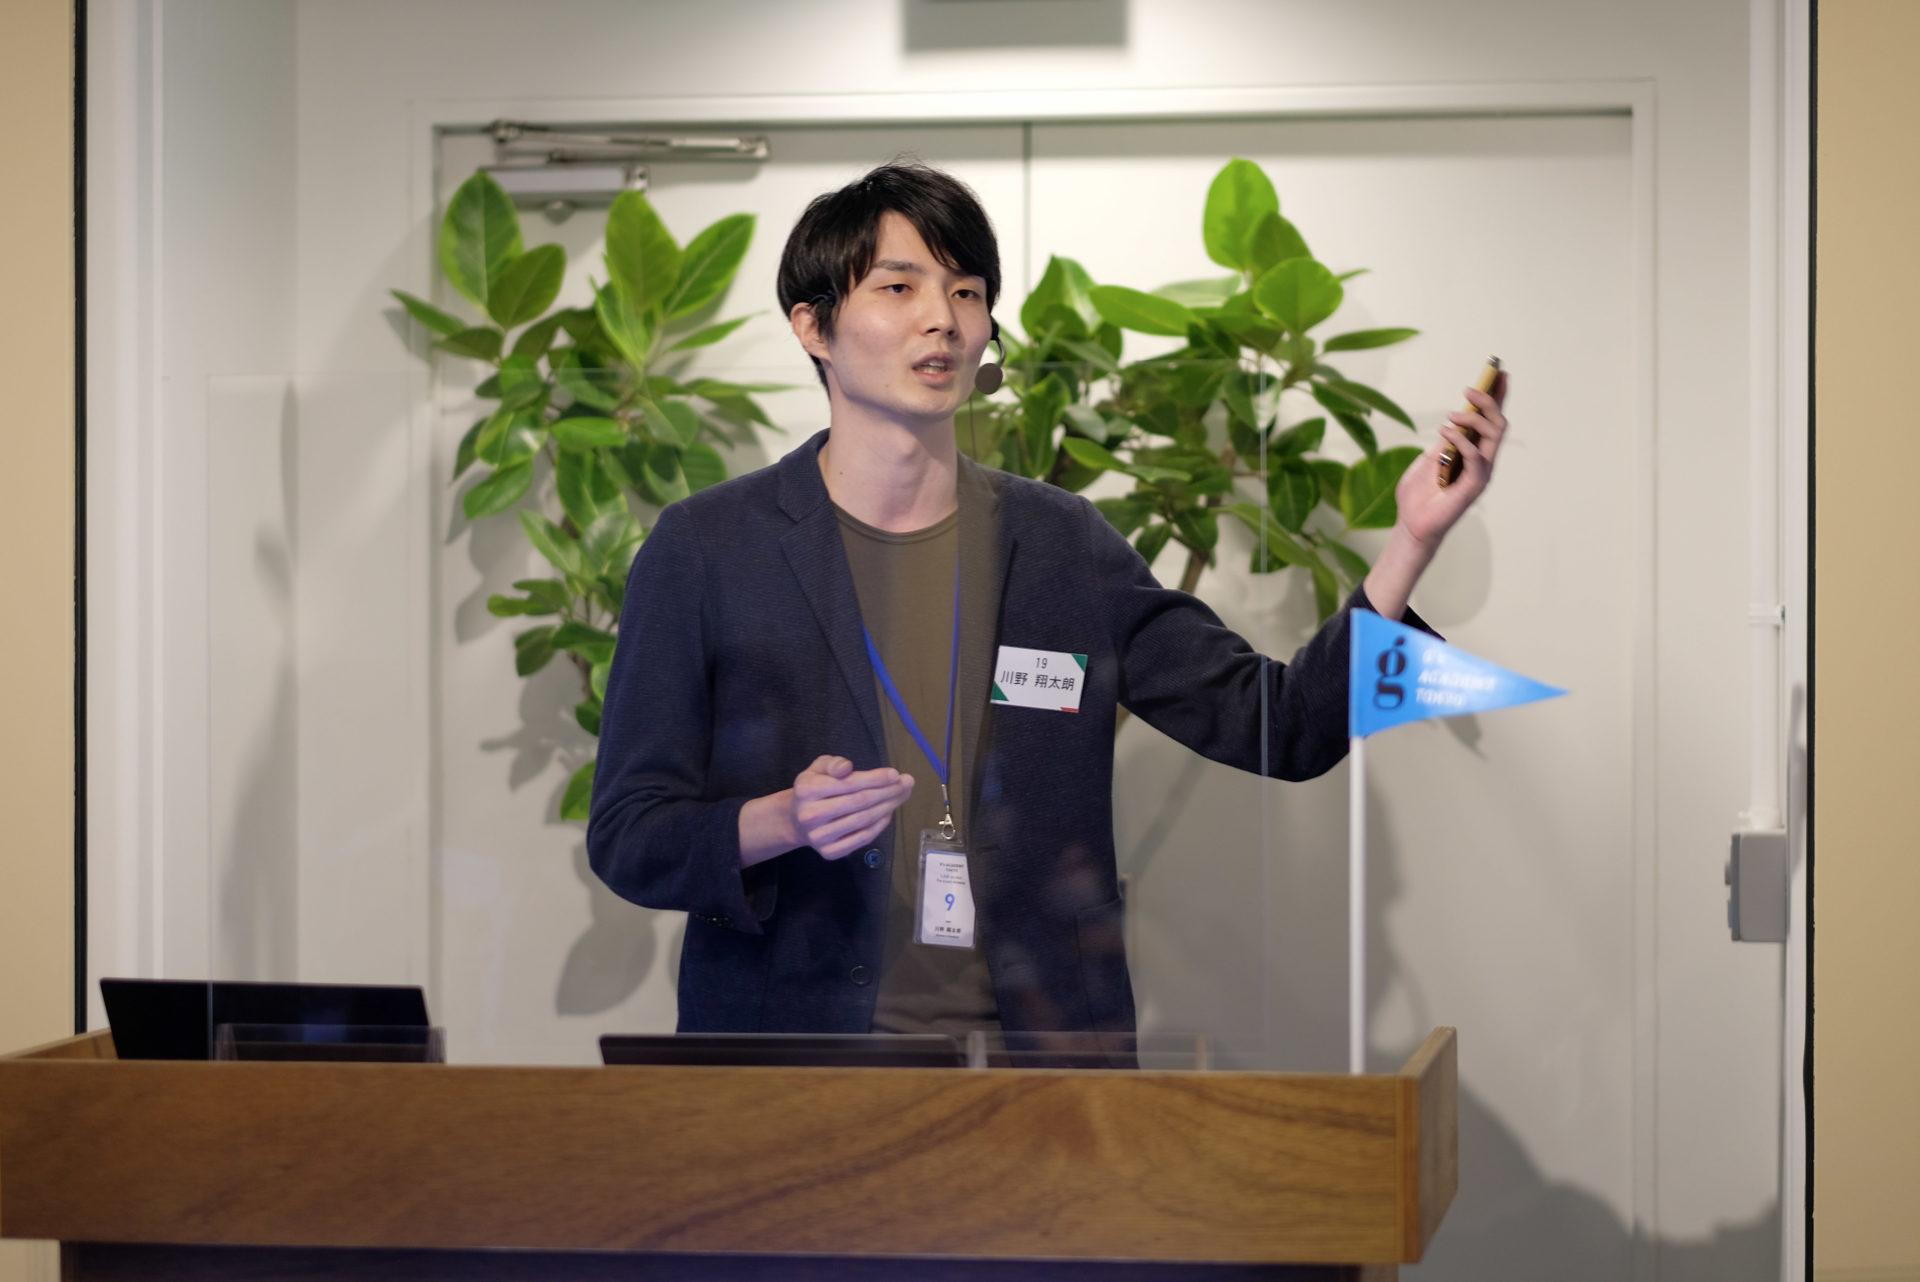 川野翔太郎・関口景太(東京LAB9期) 検索から課題解決までの情報を体系的につなげるサービス「Sinapse」